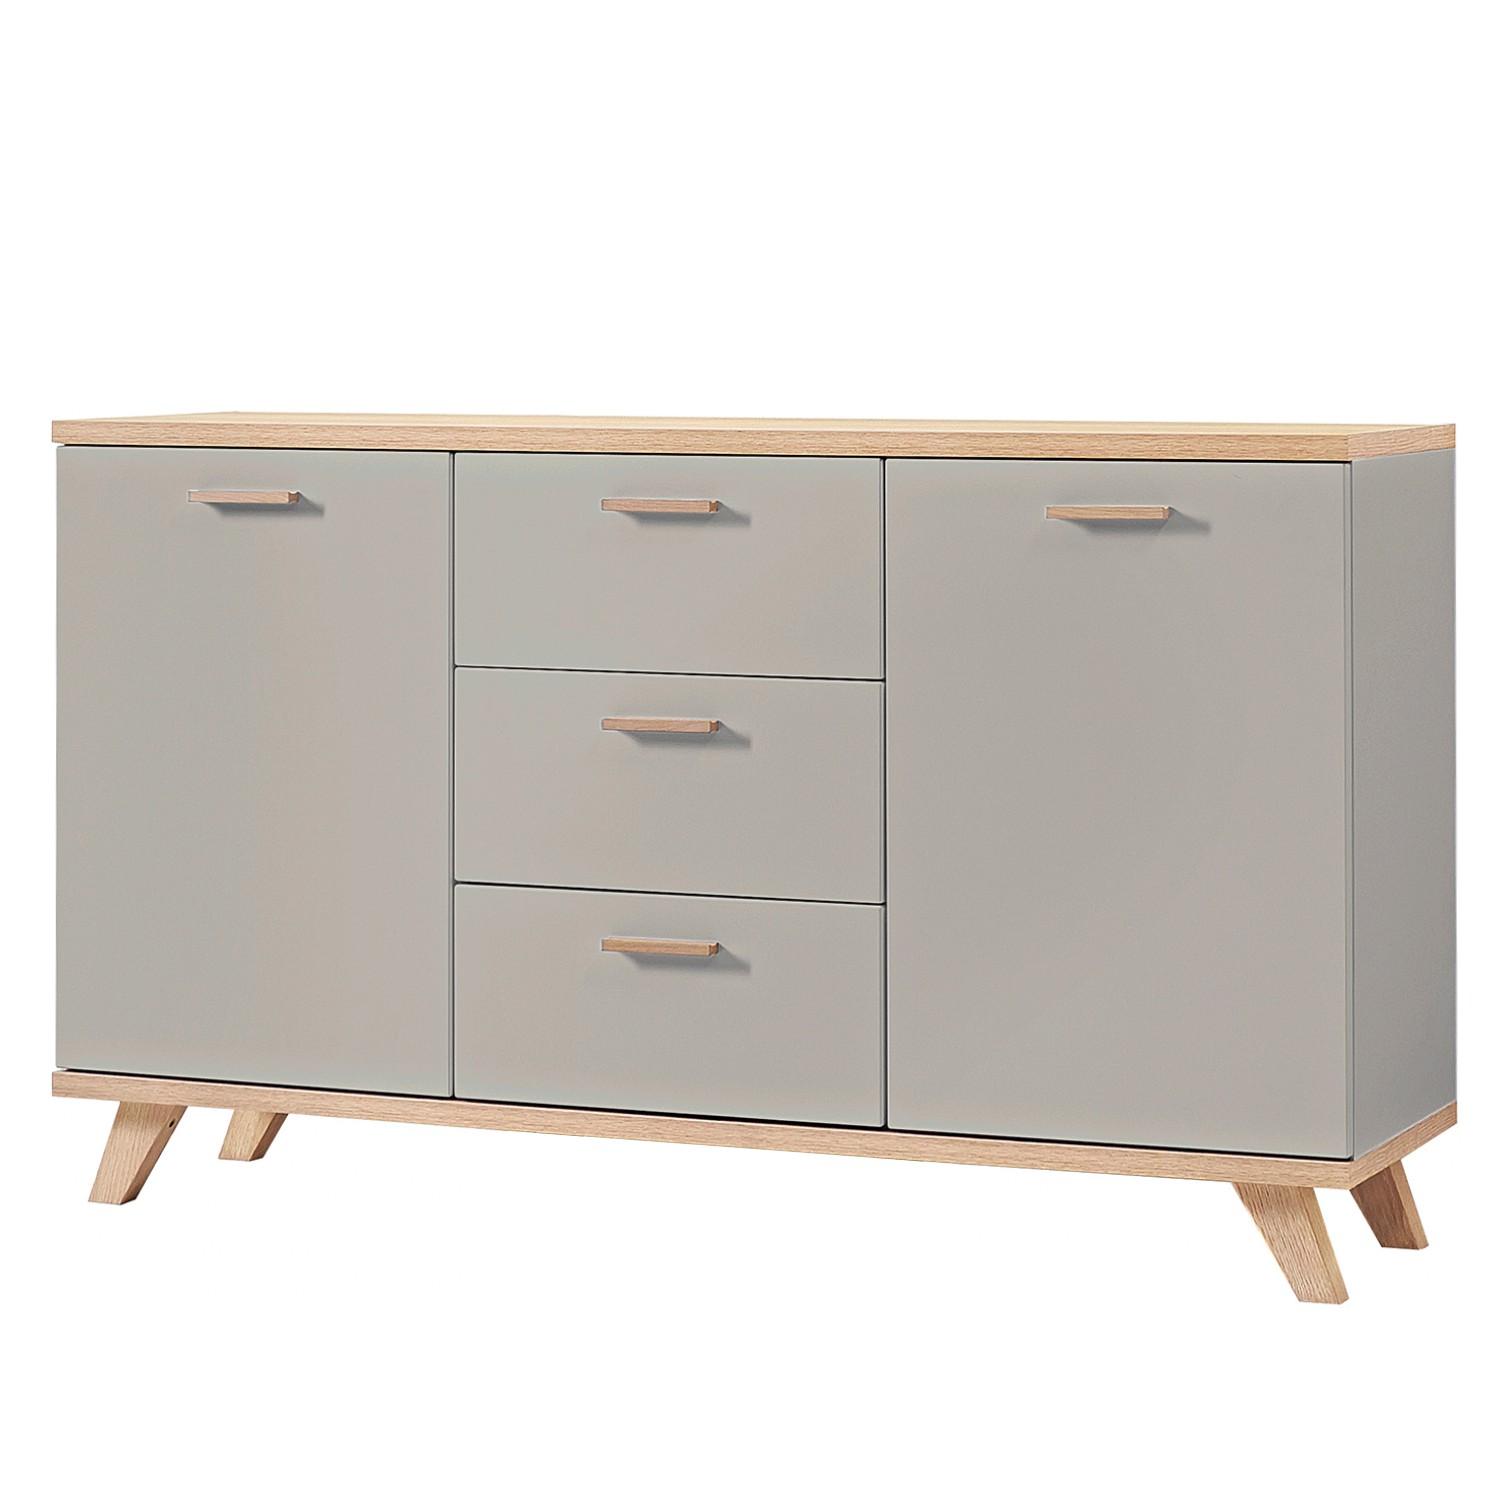 sideboard 40cm tief 250 350 preisvergleiche erfahrungsberichte und kauf bei nextag. Black Bedroom Furniture Sets. Home Design Ideas